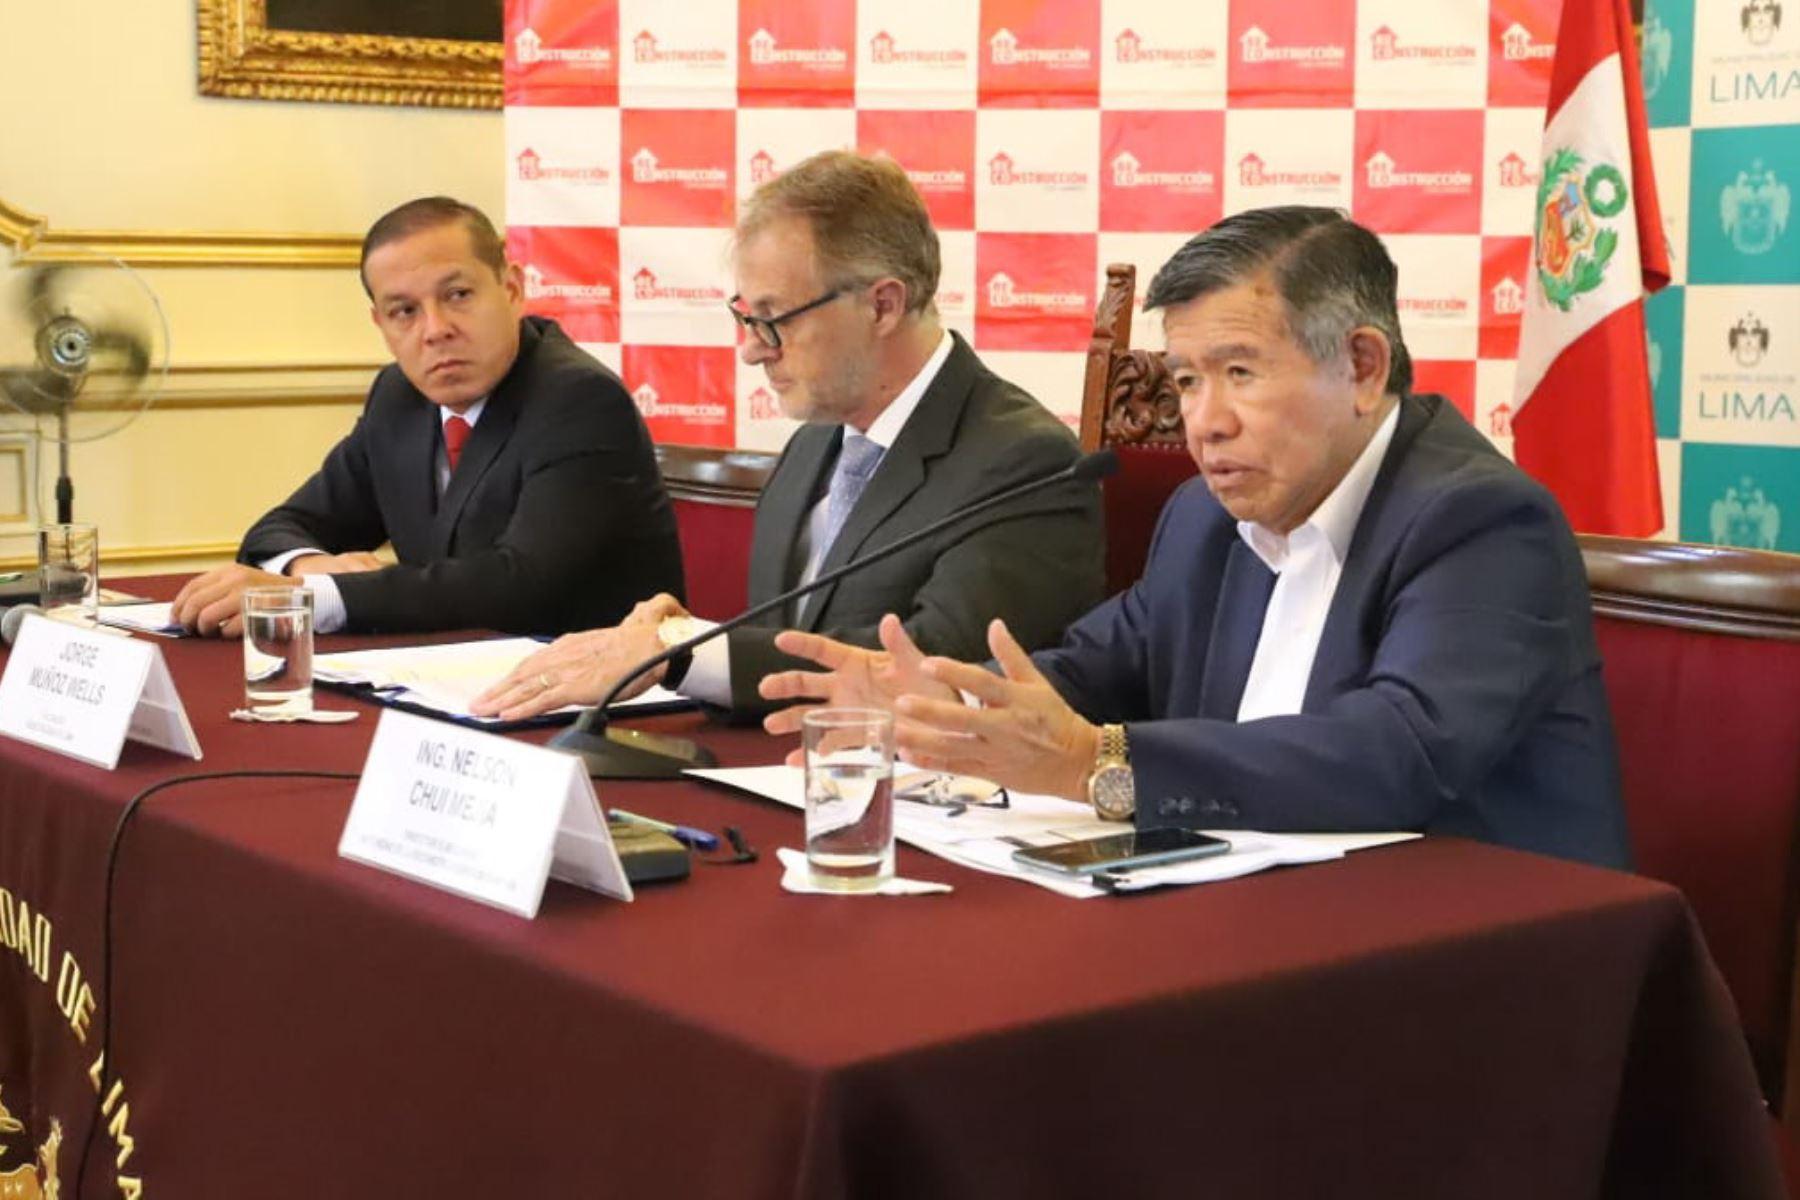 Director ejecutivo de la ARCC participó de la reunión junto al alcalde Lima, Jorge Muñoz y viceministro de Vivienda y Urbanismo, Jorge Arévalo Dánchez(Foto: Difusión)